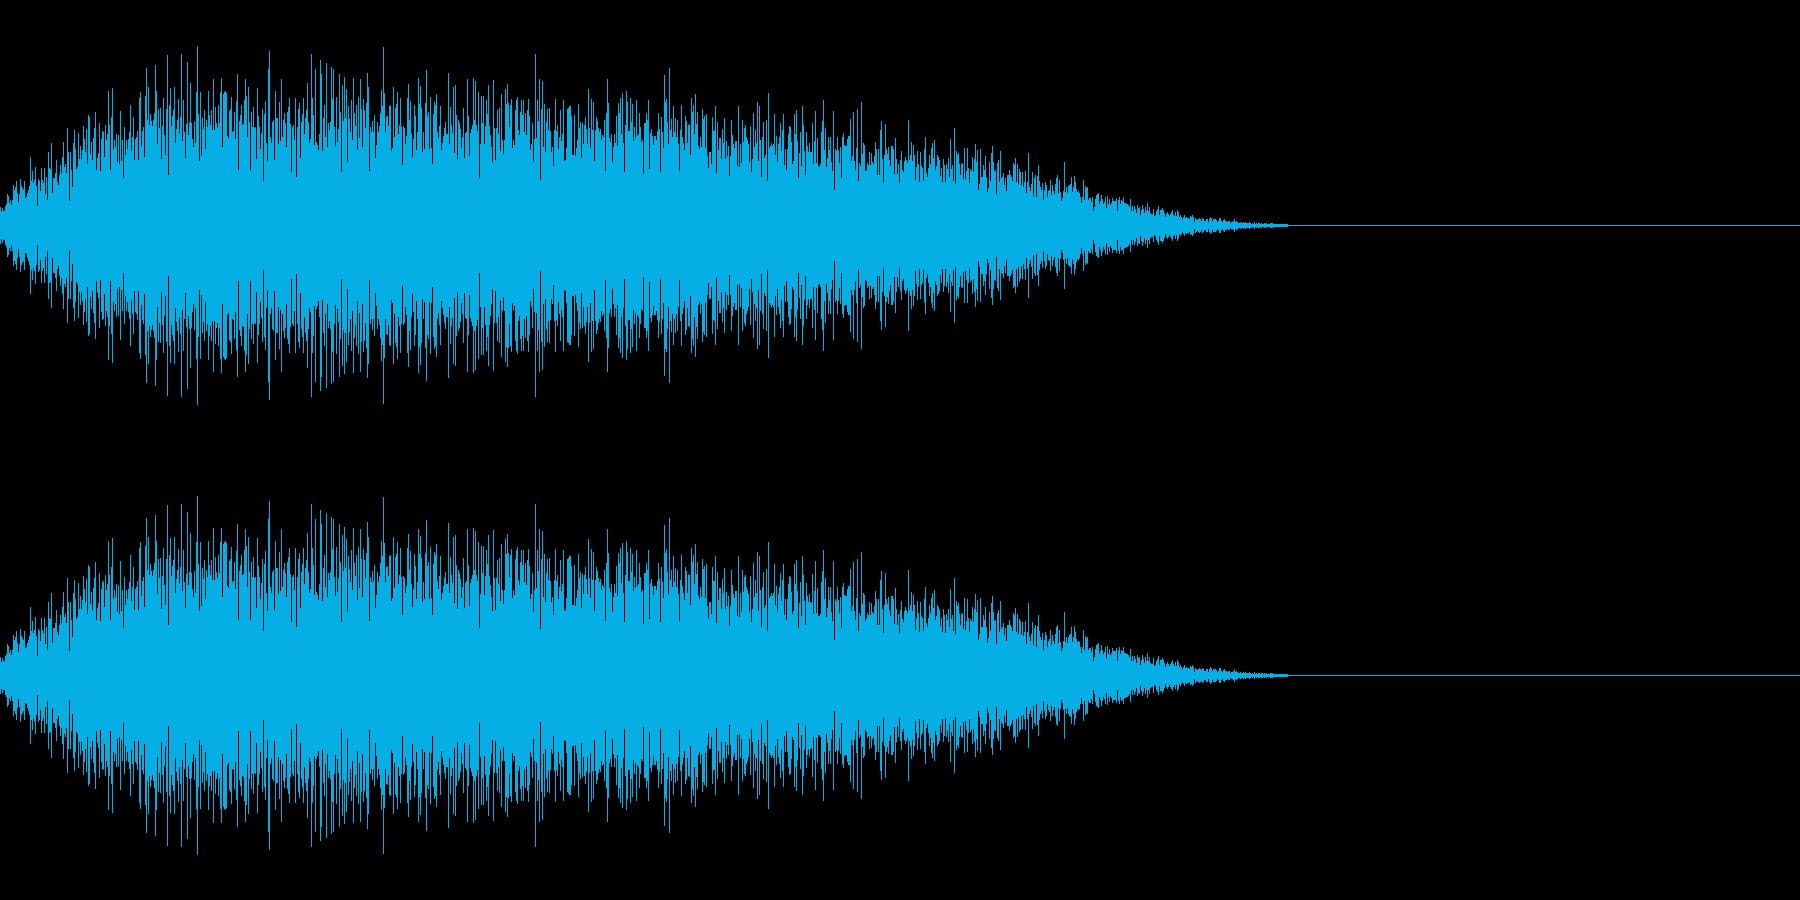 サーッ(スライディング/滑り込む)の再生済みの波形